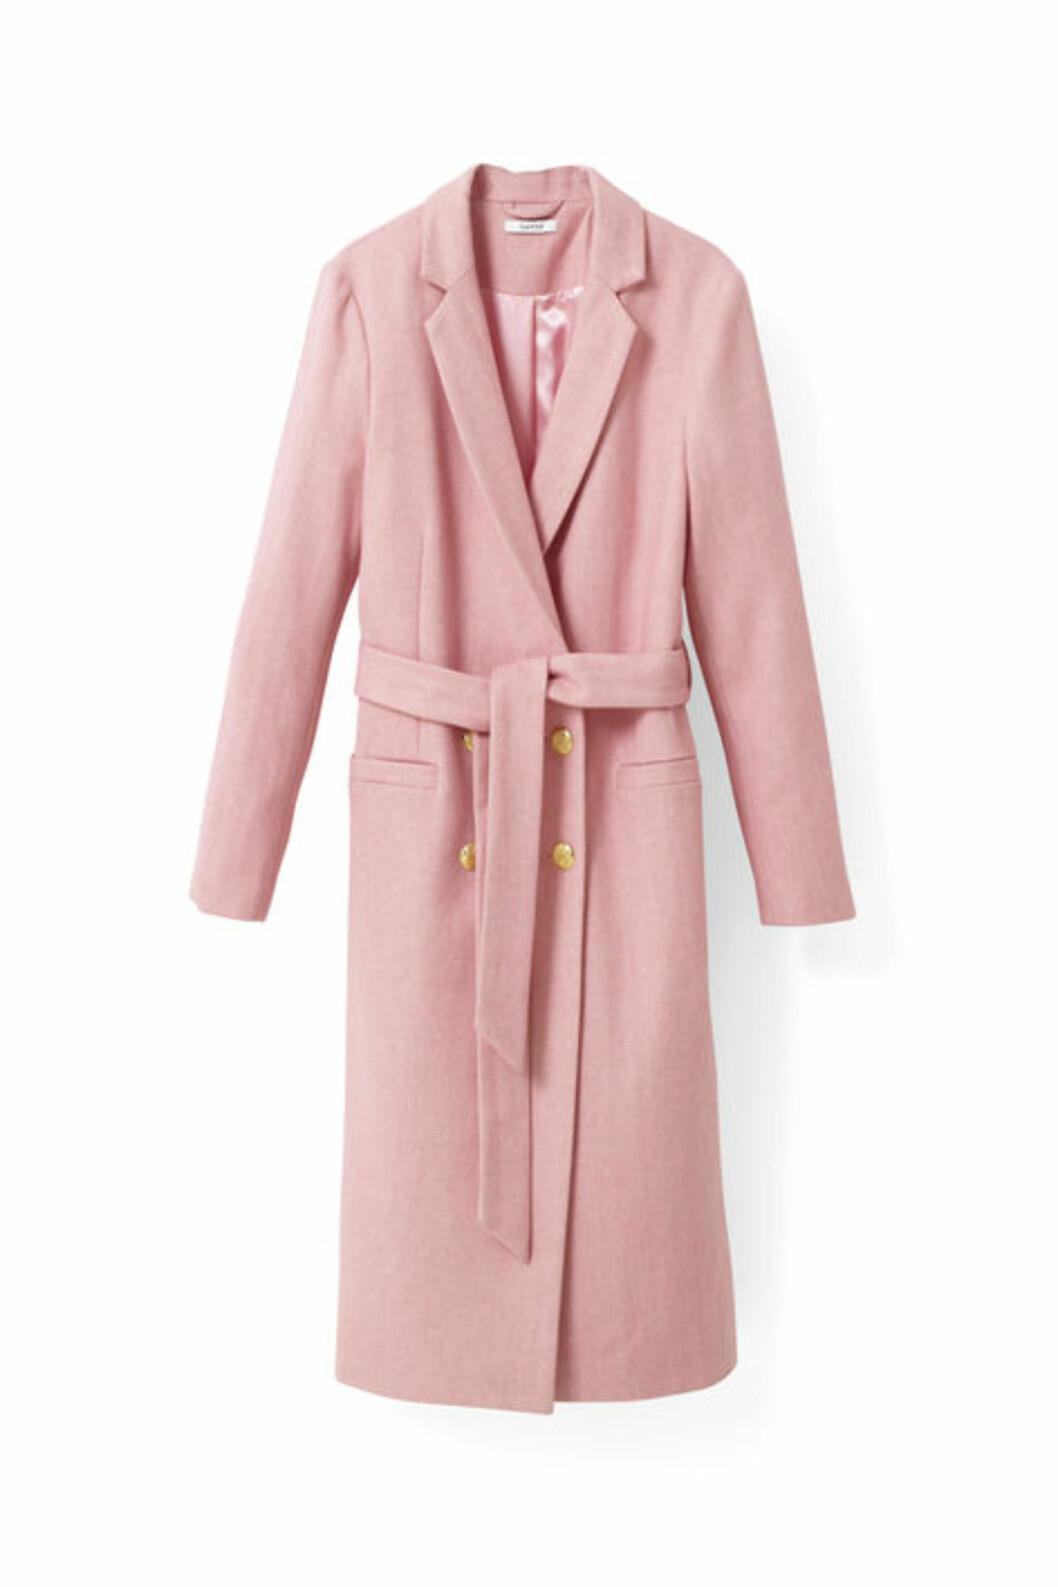 Kåpe fra Ganni | kr 3299 | http://www.ganni.com/shop/coats-and-jackets/hawthorne-wool-coat/F1447.html?dwvar_F1447_color=Peony%20Melange